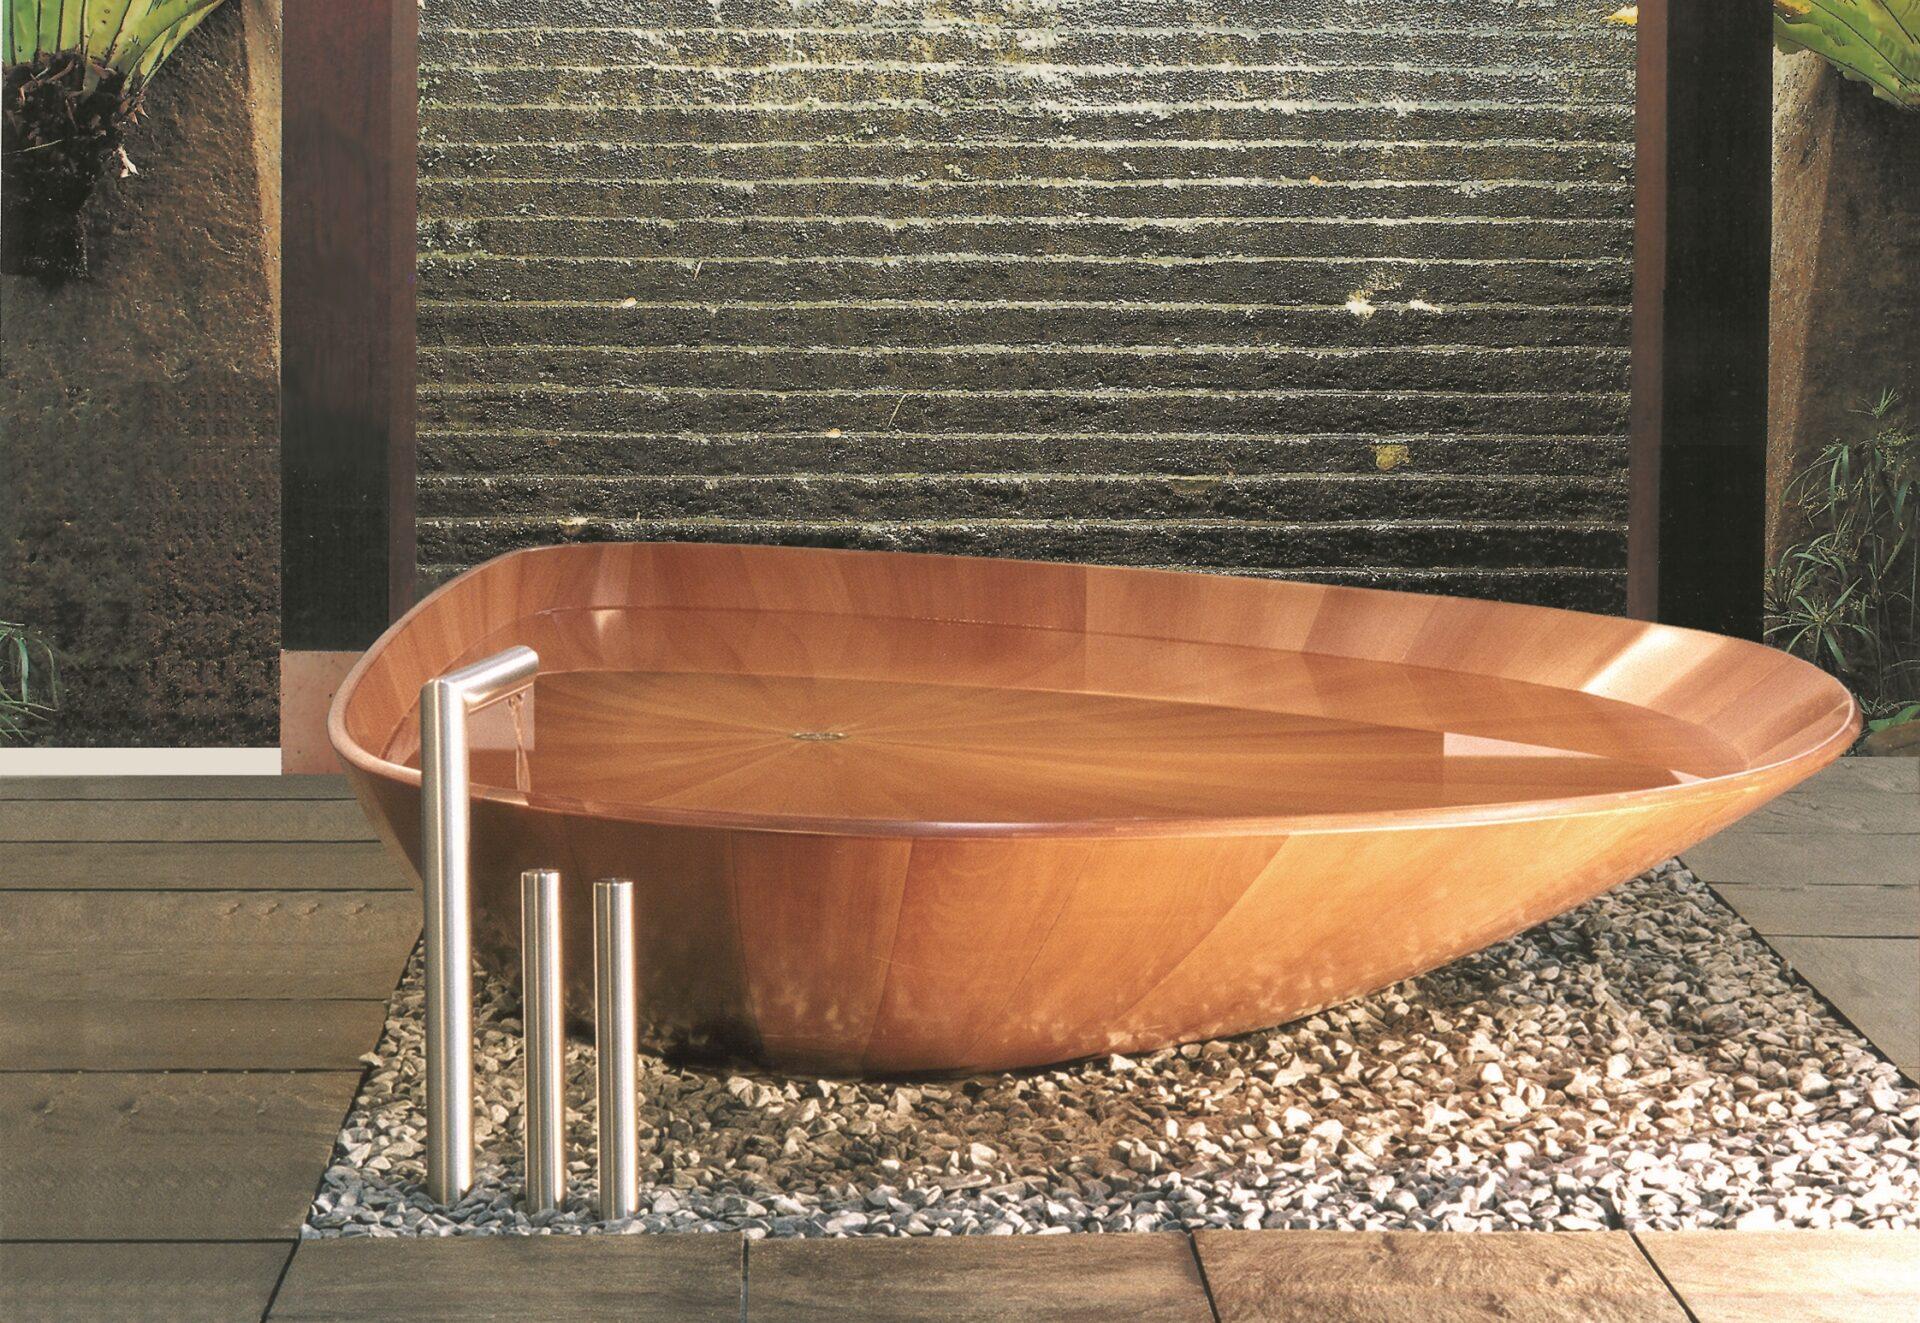 Die Bademuschel Ocean Shell ist die premium Holzbadewanne in unserem Badsortiment und das Highlight in der Badausstellung in Lanquart